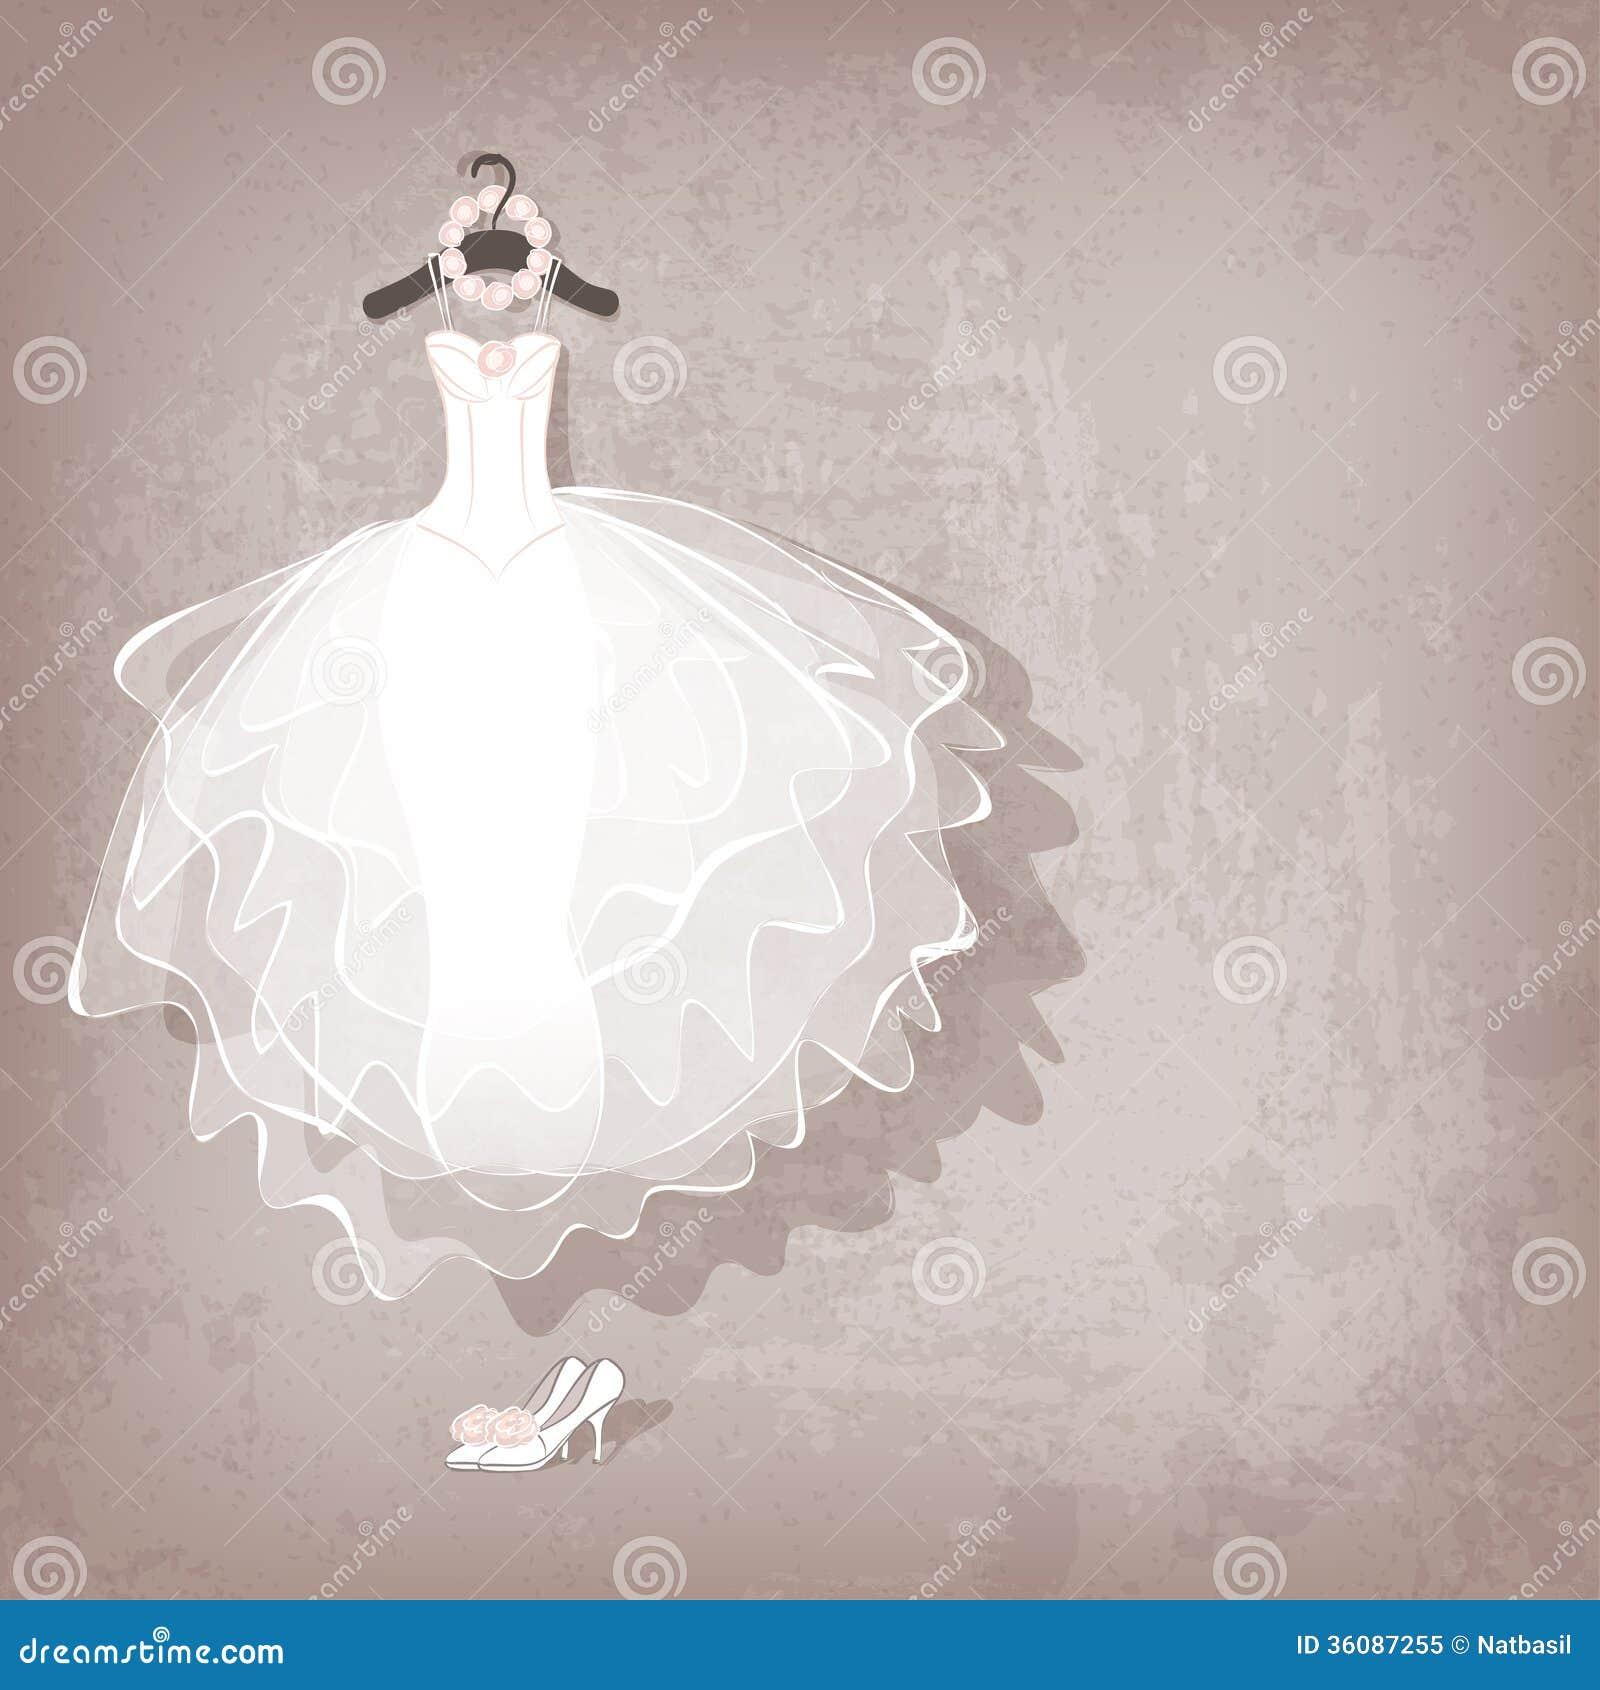 royalty free stock image wedding dress image free wedding dress Wedding dress on grungy background Royalty Free Stock Photo